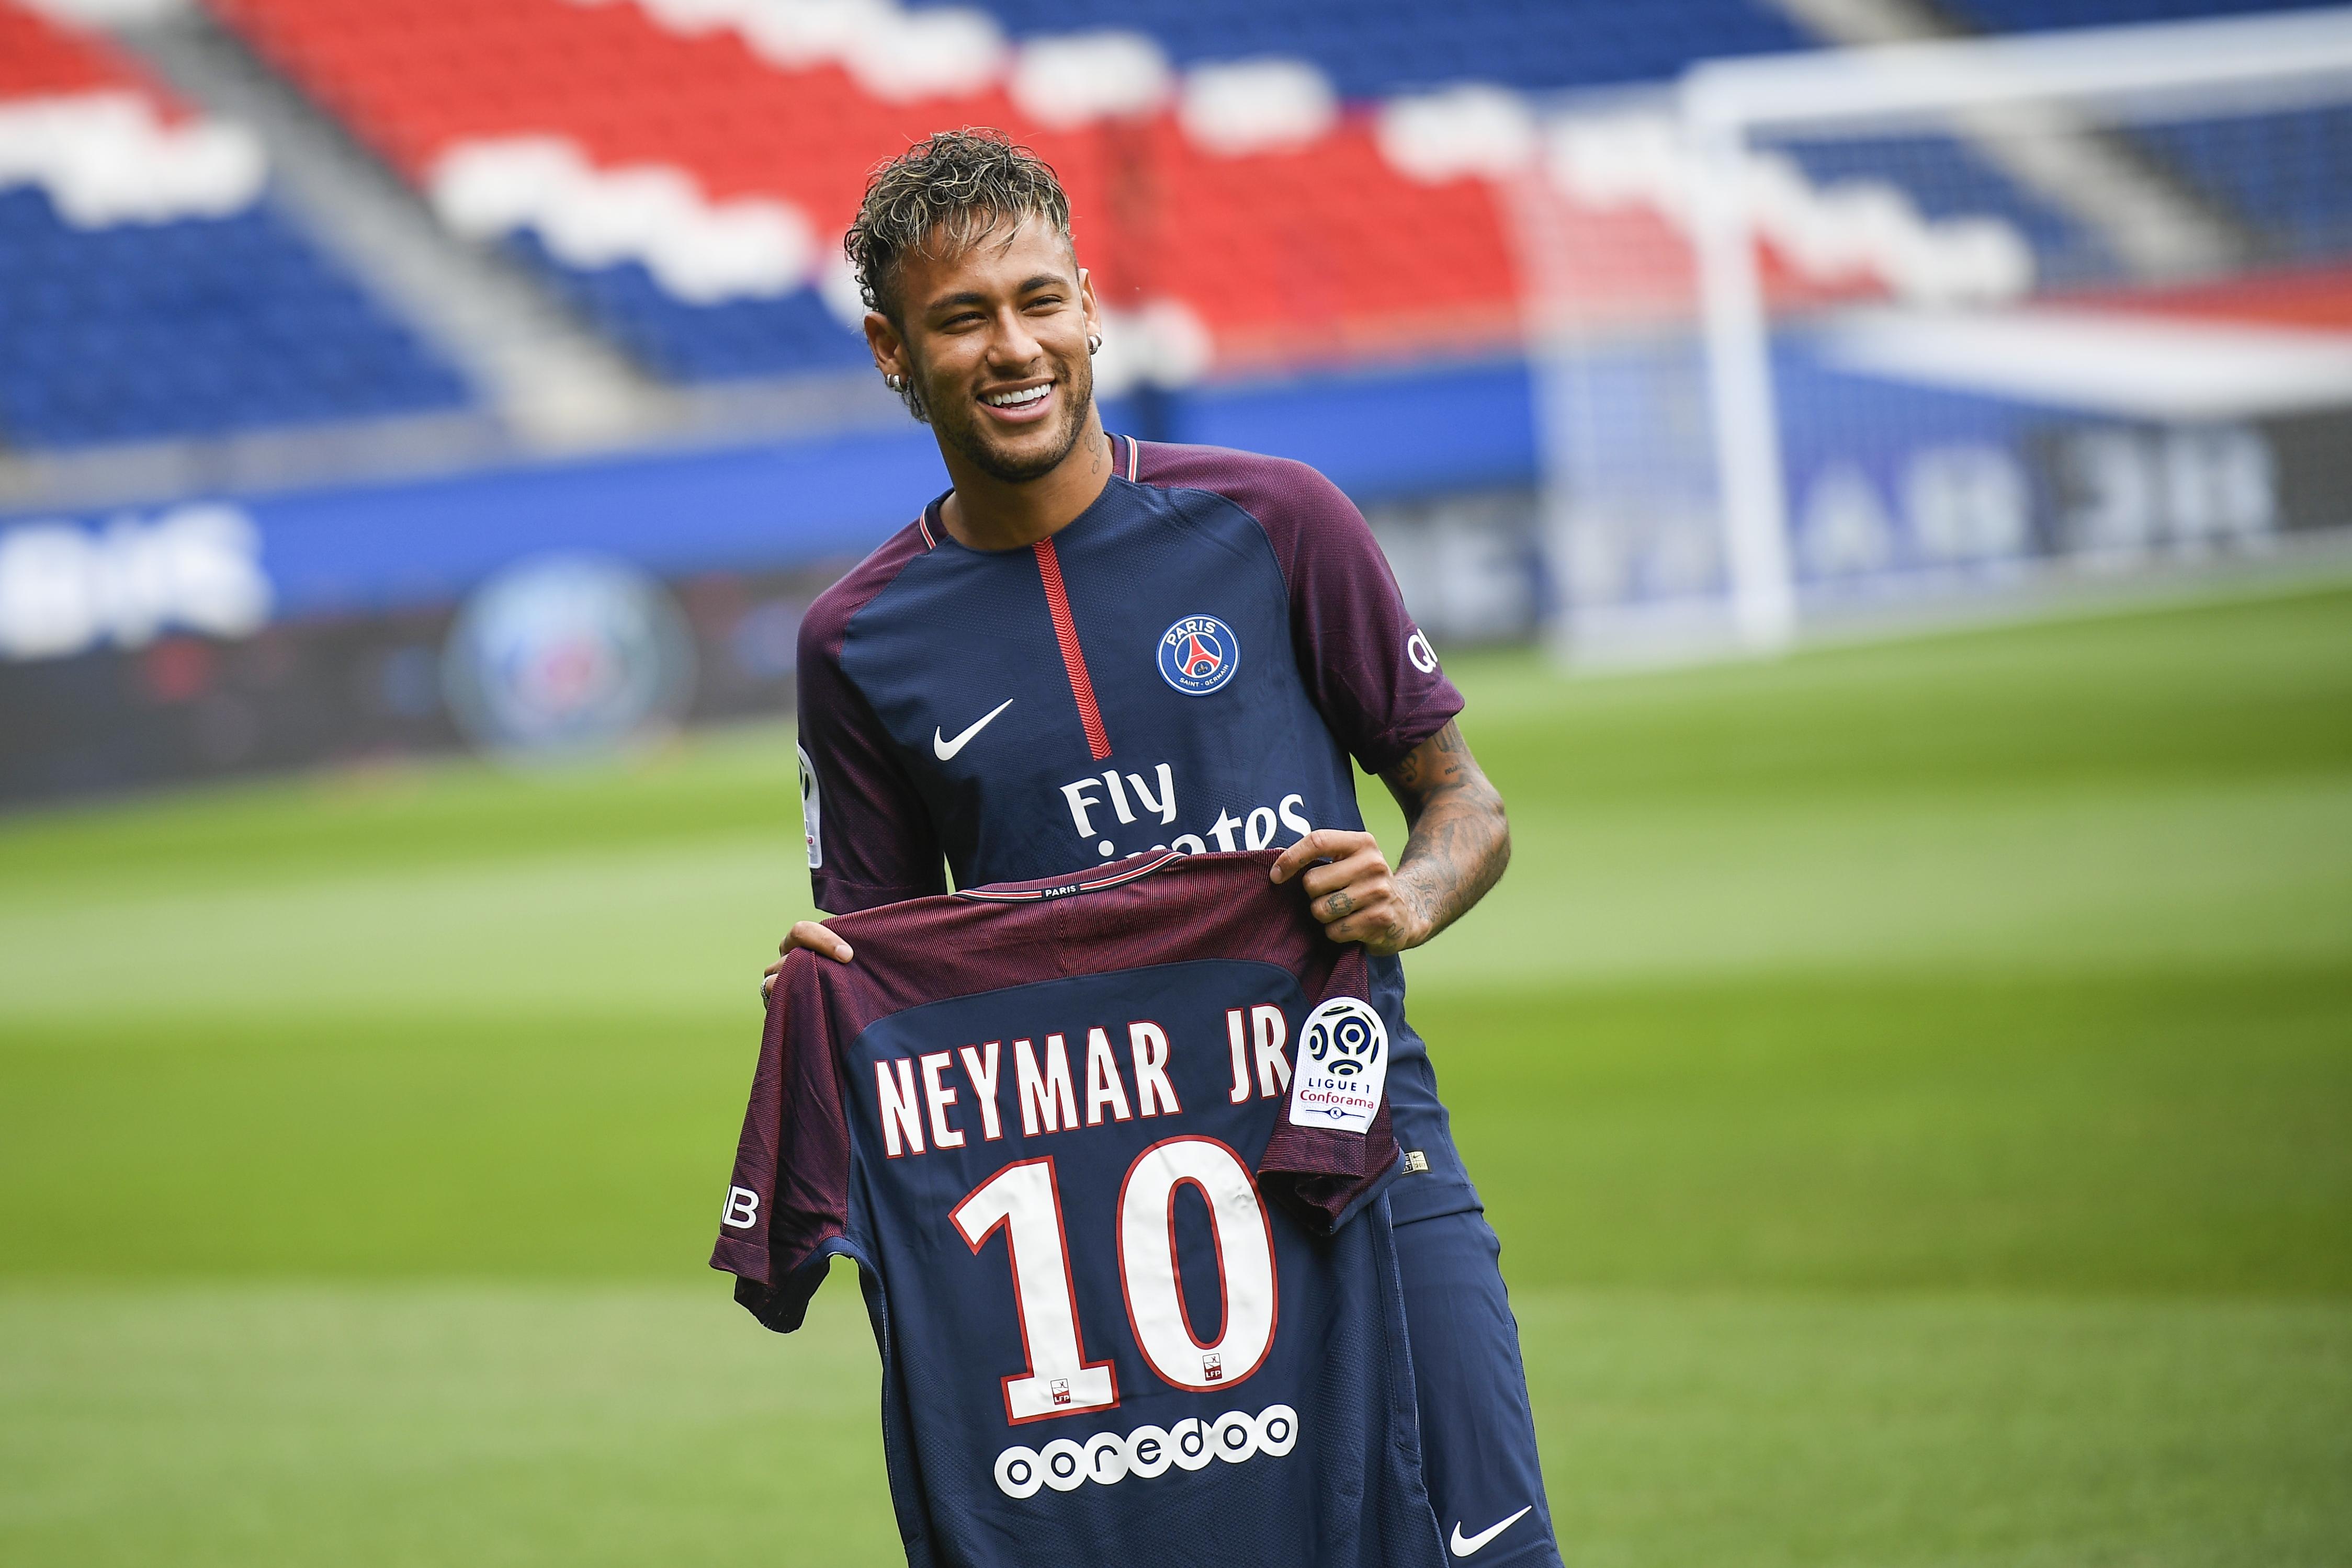 Neymar ma még nem játszhat a PSG színeiben a francia bajnokság első fordulójában